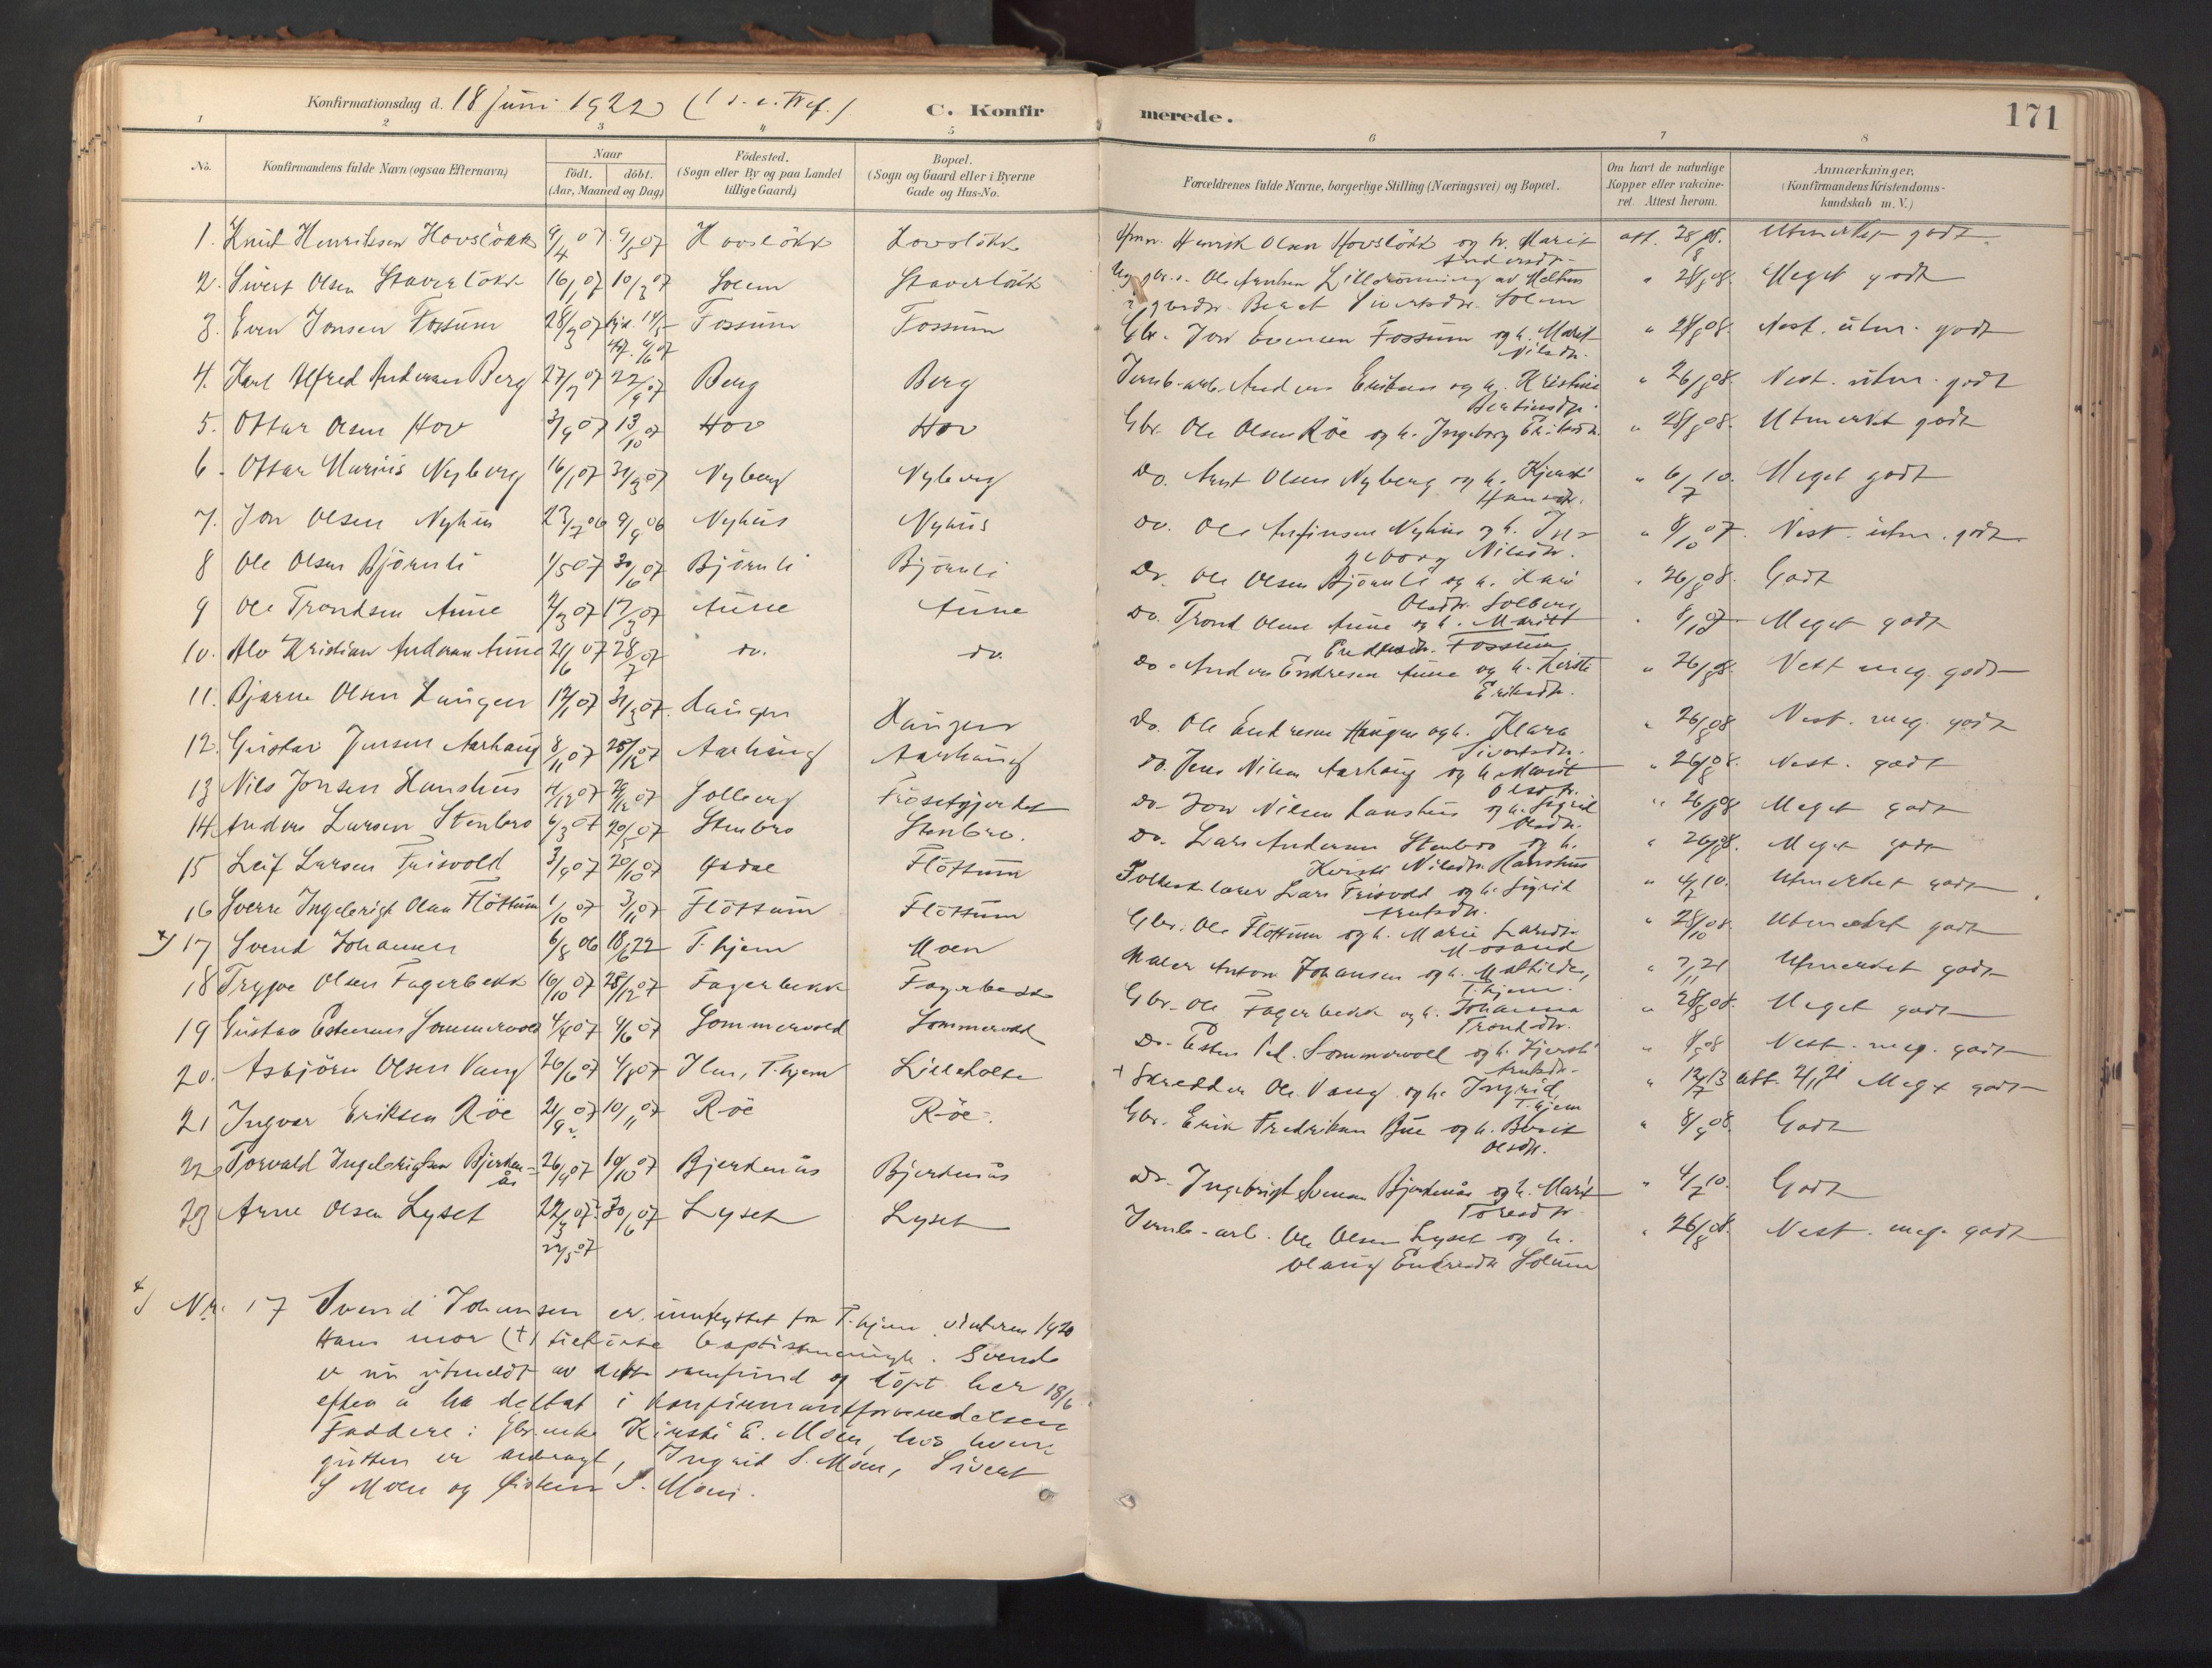 SAT, Ministerialprotokoller, klokkerbøker og fødselsregistre - Sør-Trøndelag, 689/L1041: Ministerialbok nr. 689A06, 1891-1923, s. 171